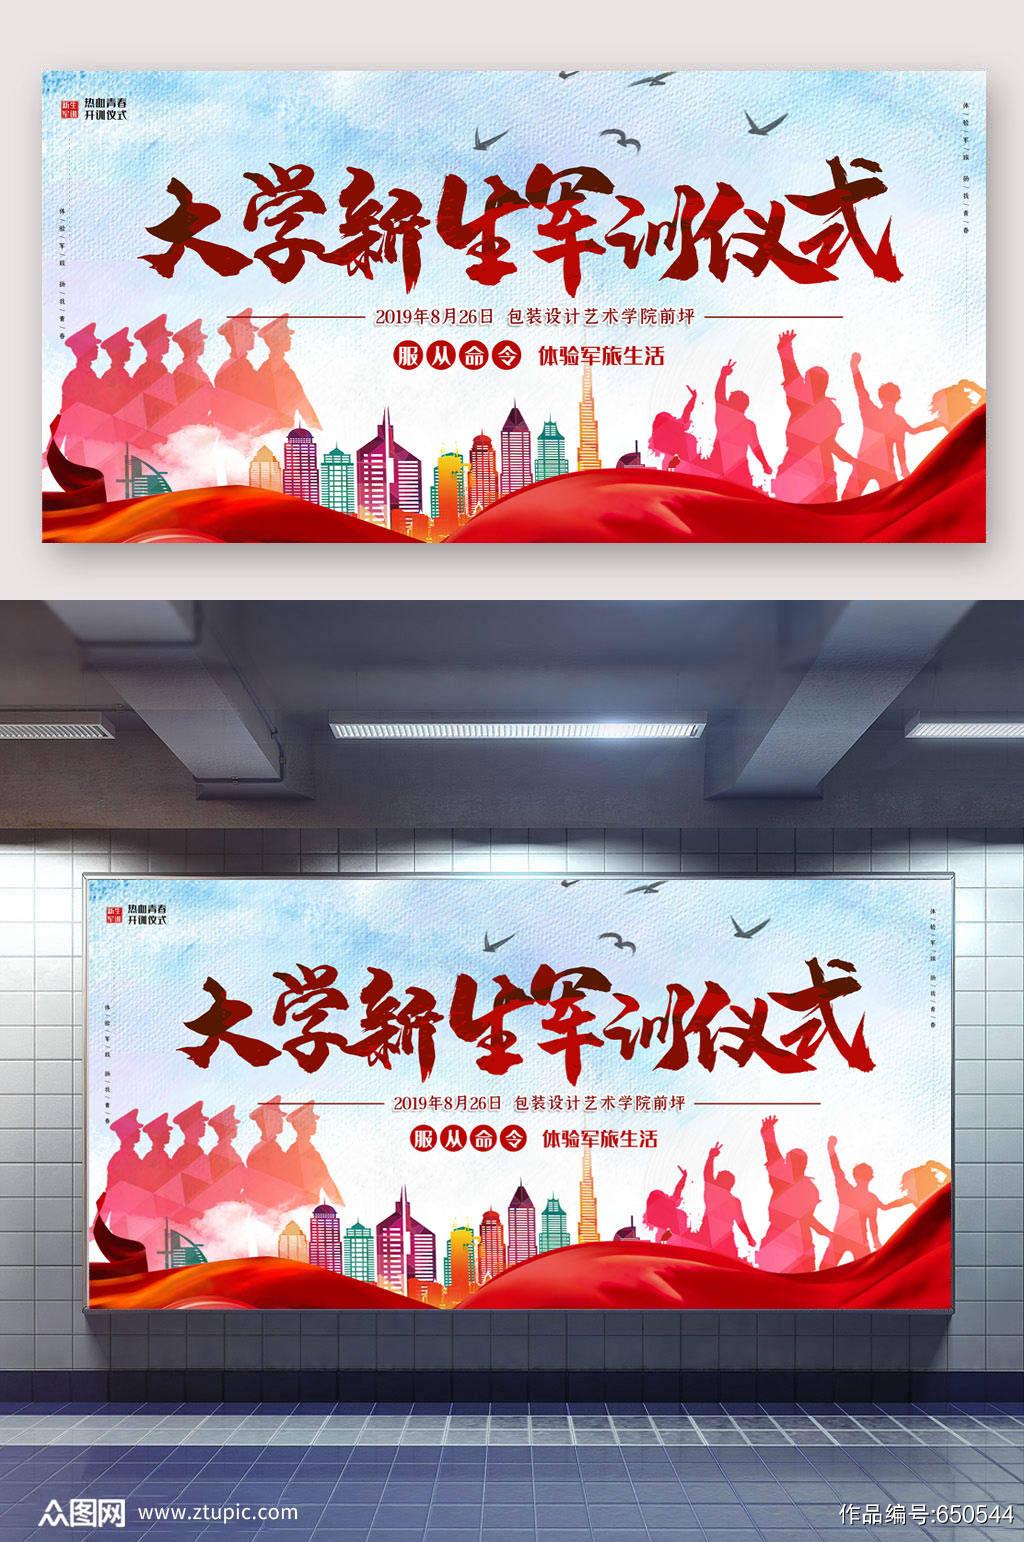 大学新生军训仪式活动剪影展板素材